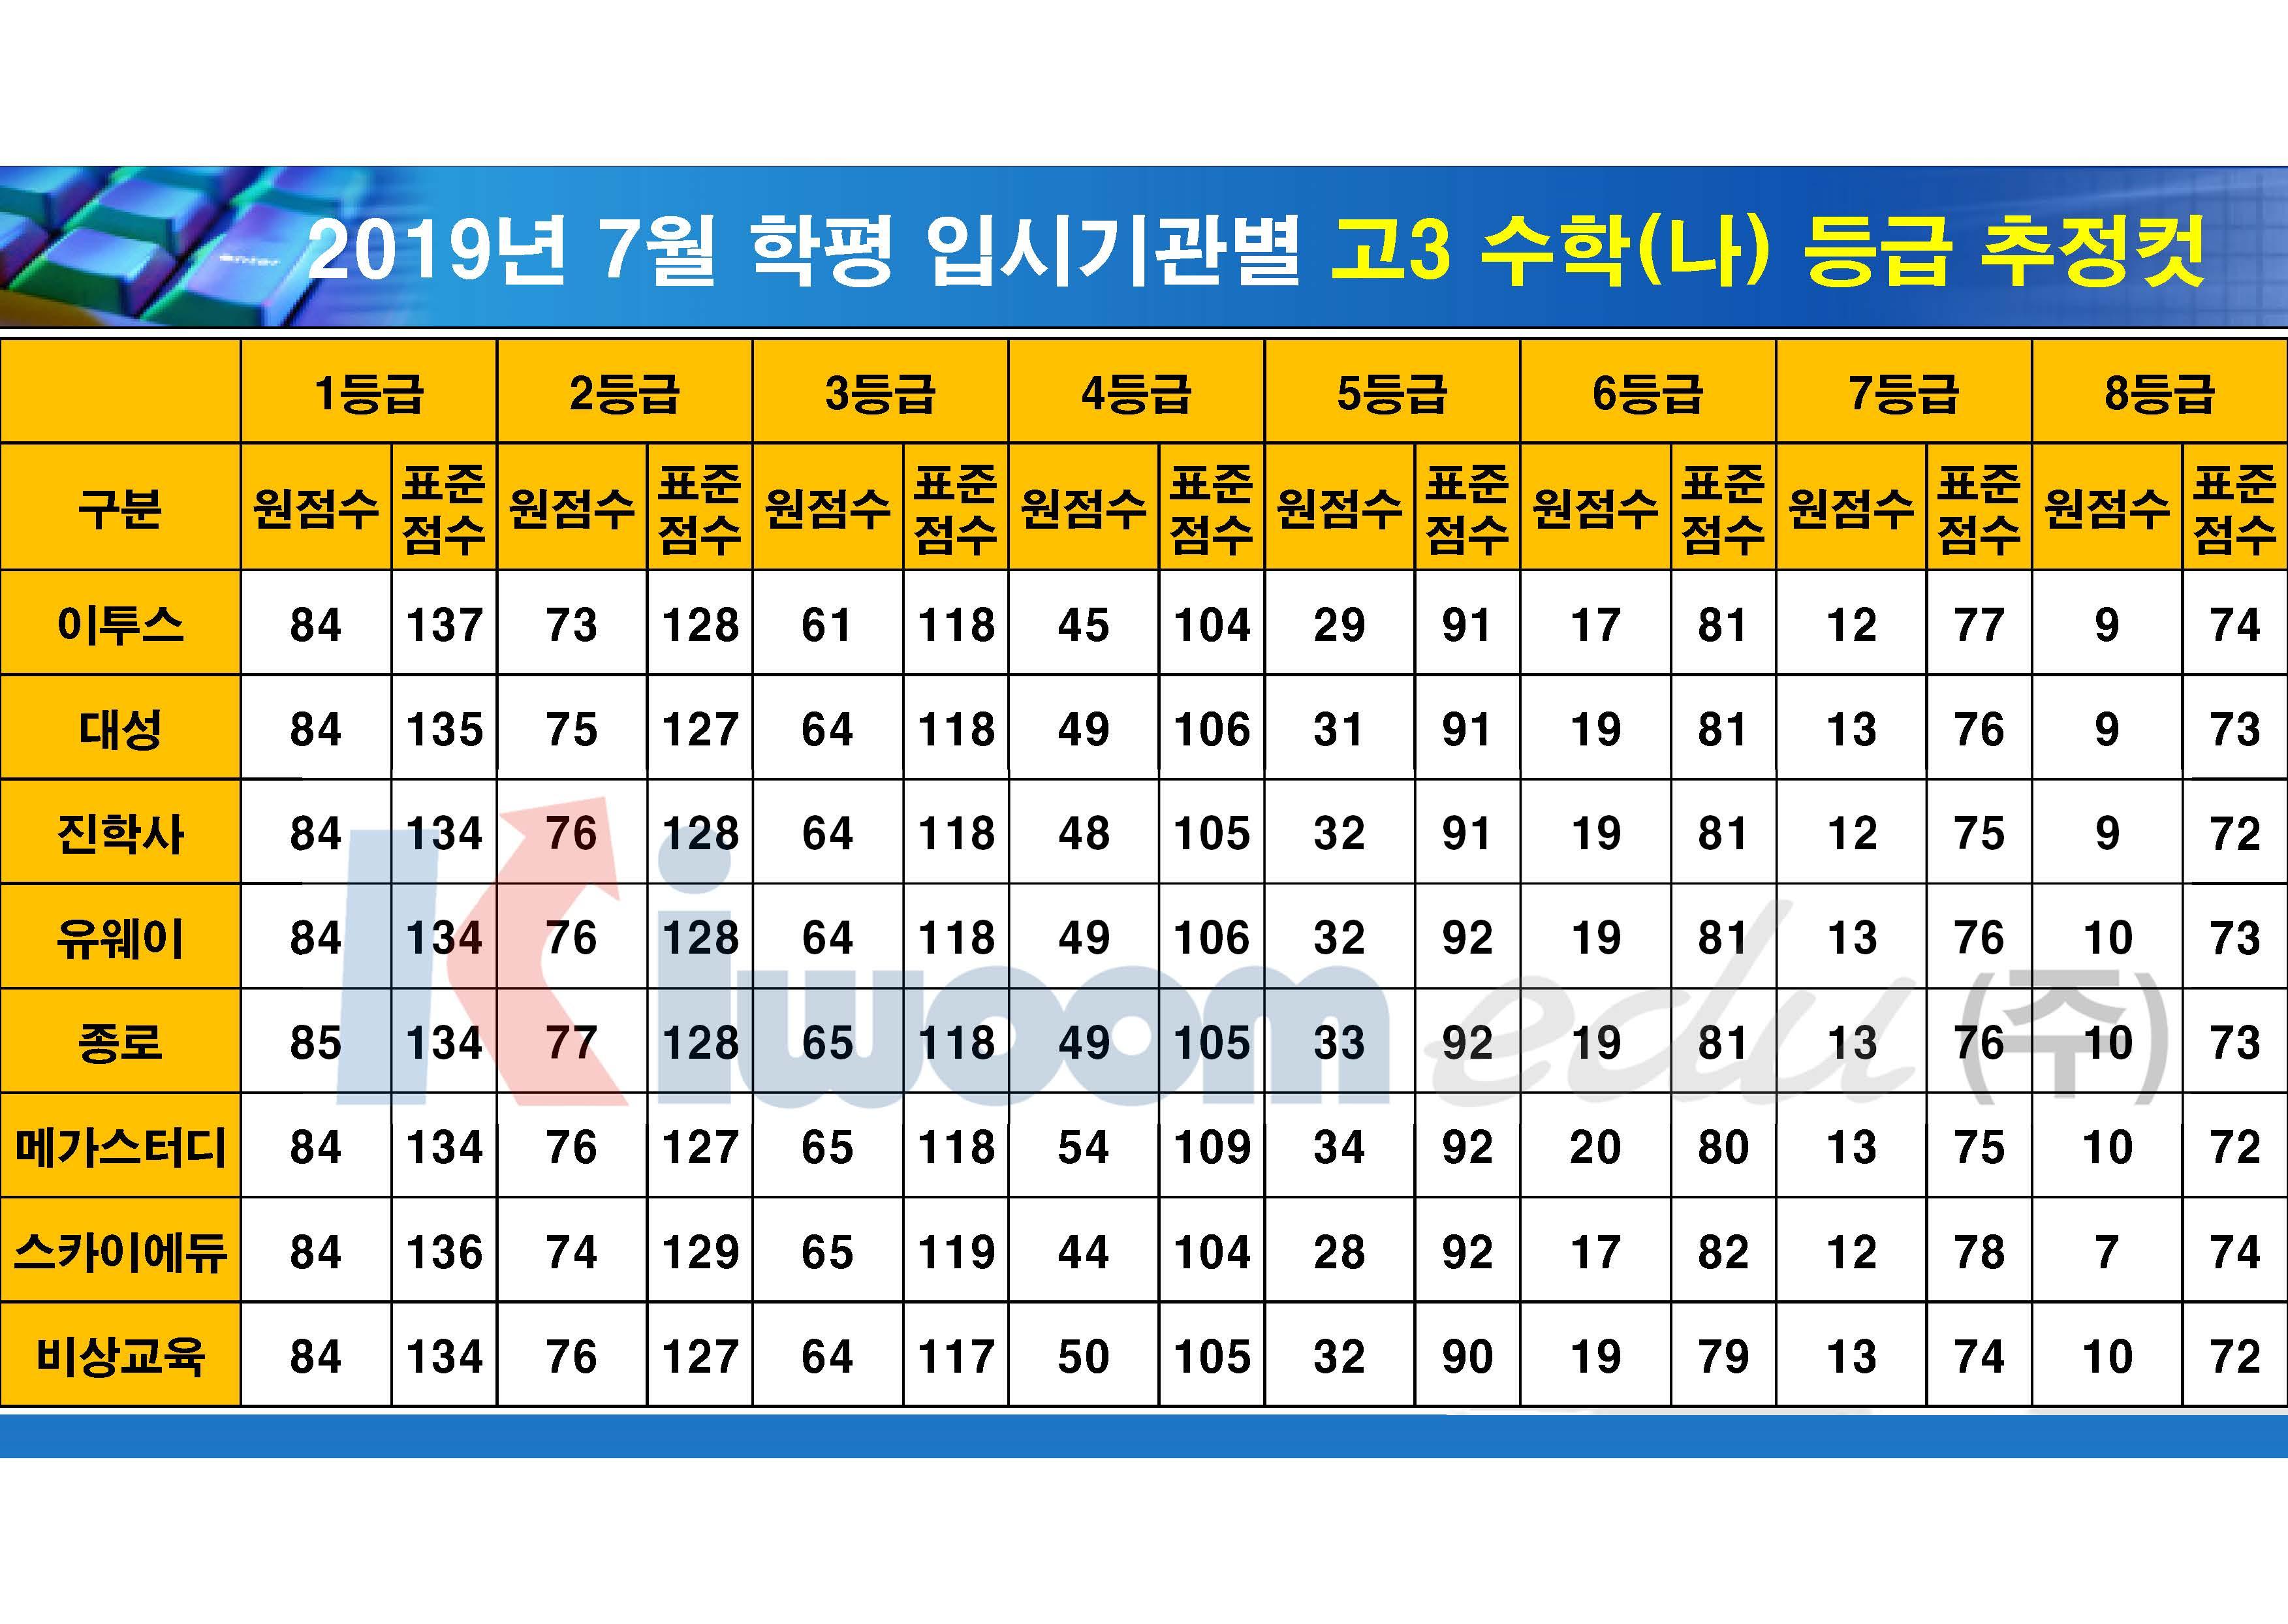 2019 7월 모의고사 입시기관별 등급컷(고3)_20190711_안지훈#1(16시 30분 기준)_Page_05.jpg